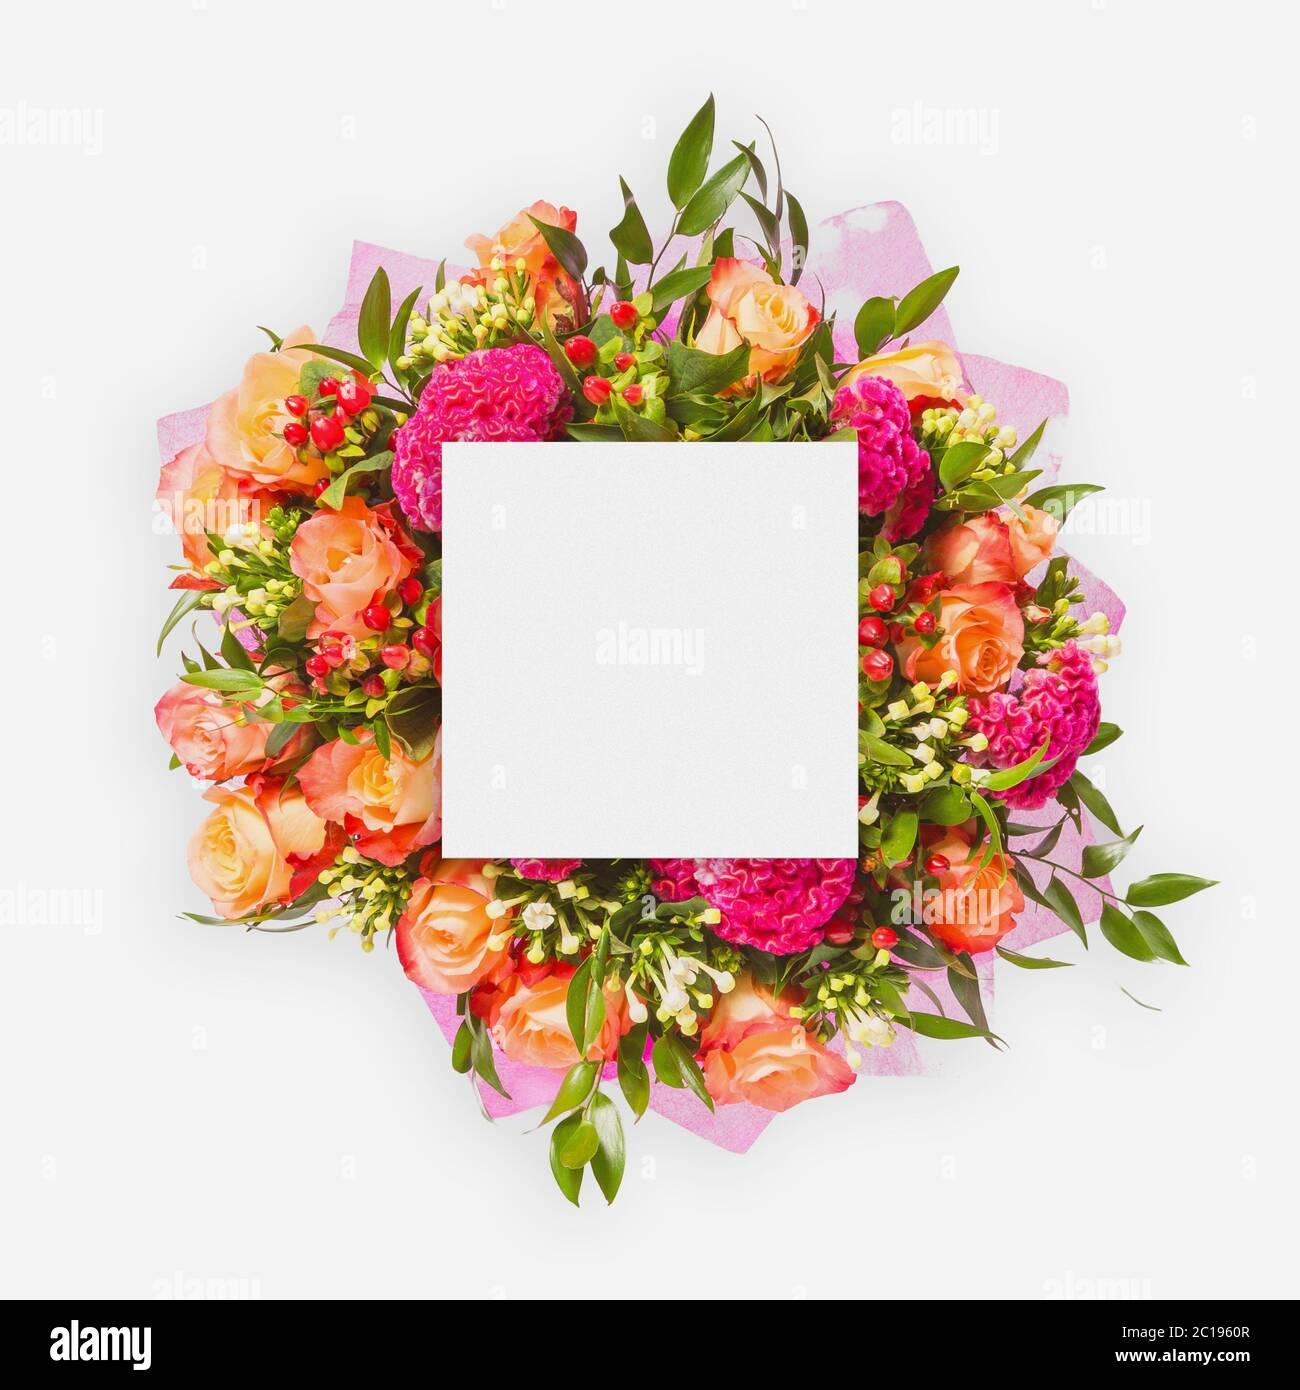 Kreatives Layout aus Blumen und Blättern mit Papierkartennummer. Flach liegend Stockfoto